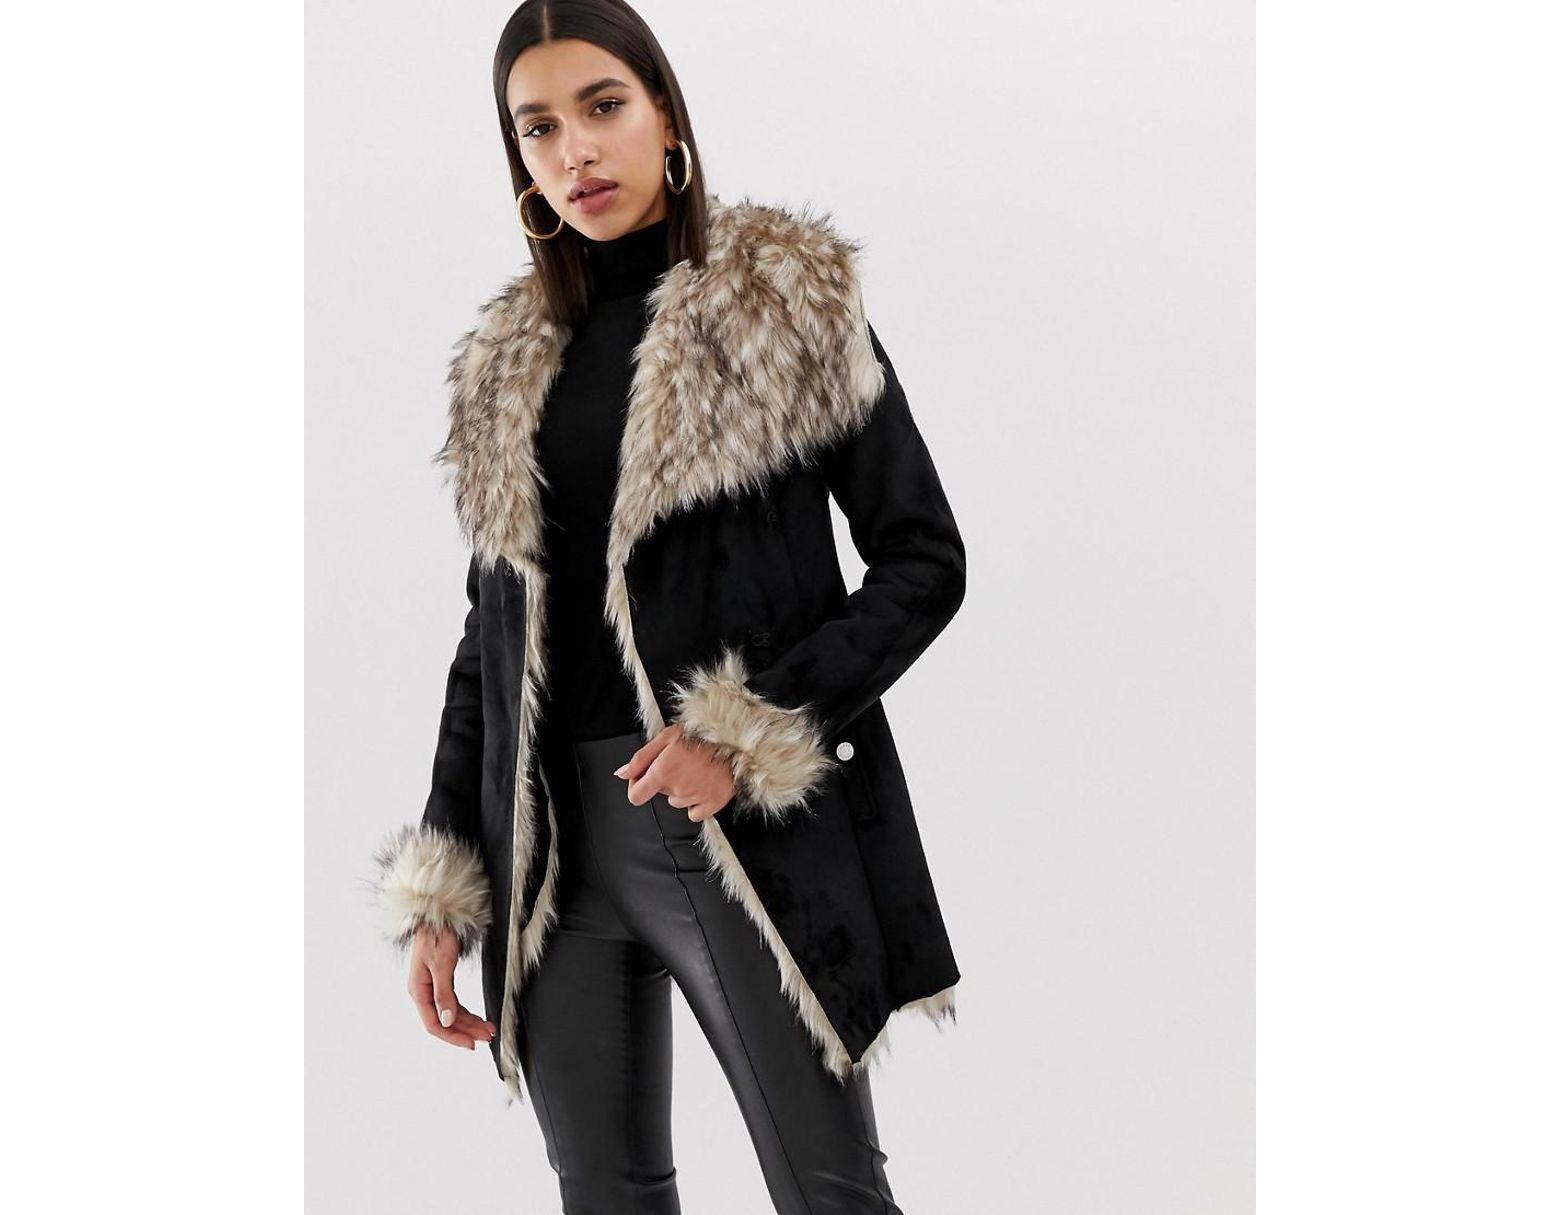 c8ecfa58dbe Women's Bonded Faux Fur Wrap Jacket In Black